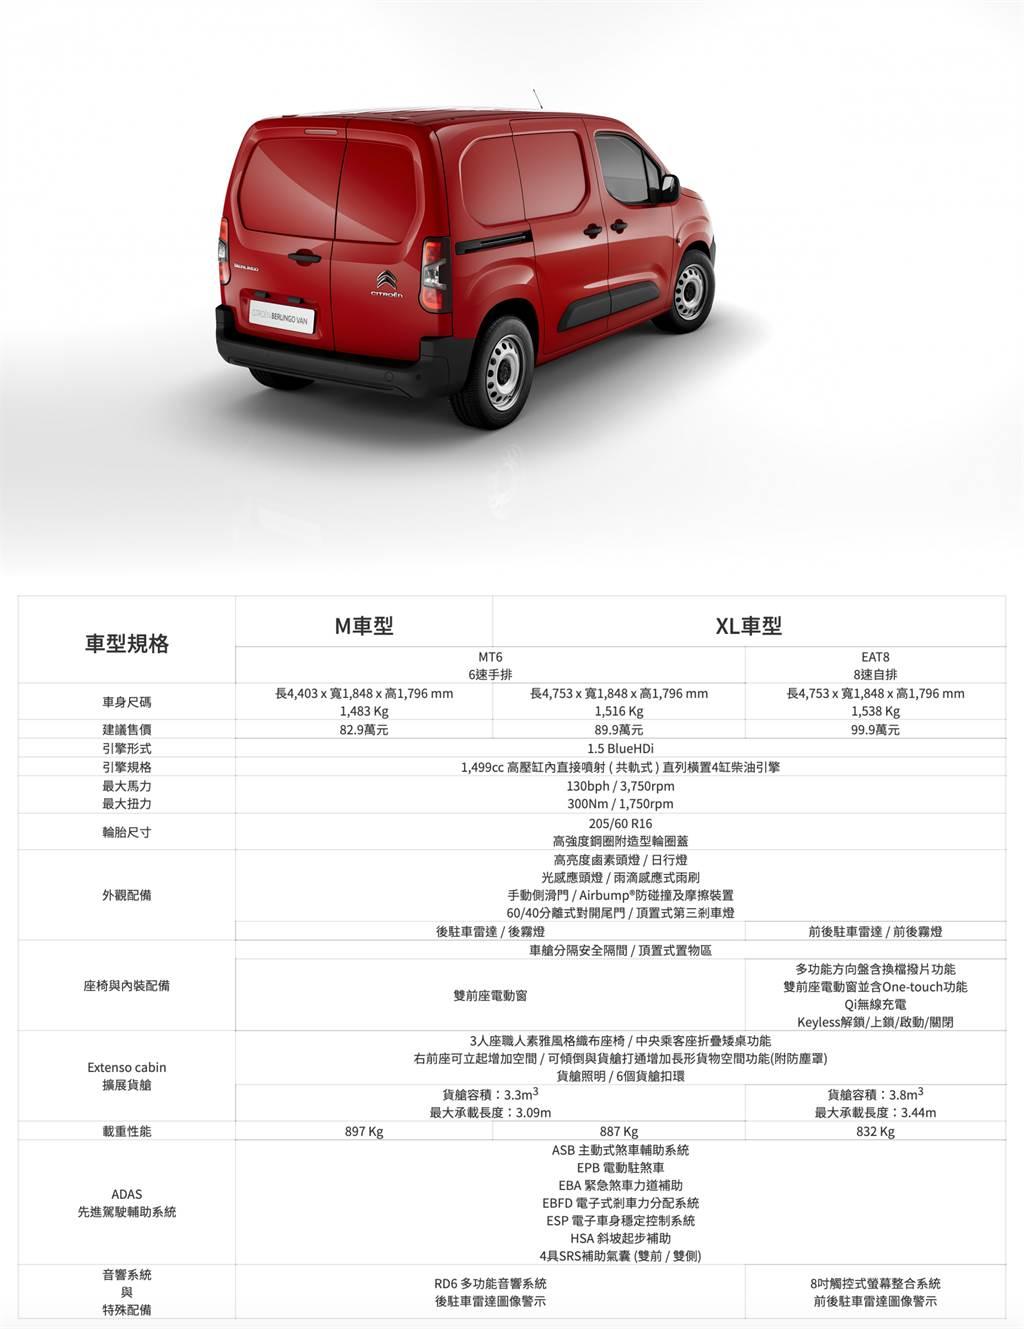 小批量 22 台導入,Citroen Berlingo Van 長軸/短軸 82.9 萬起三車型開始接單